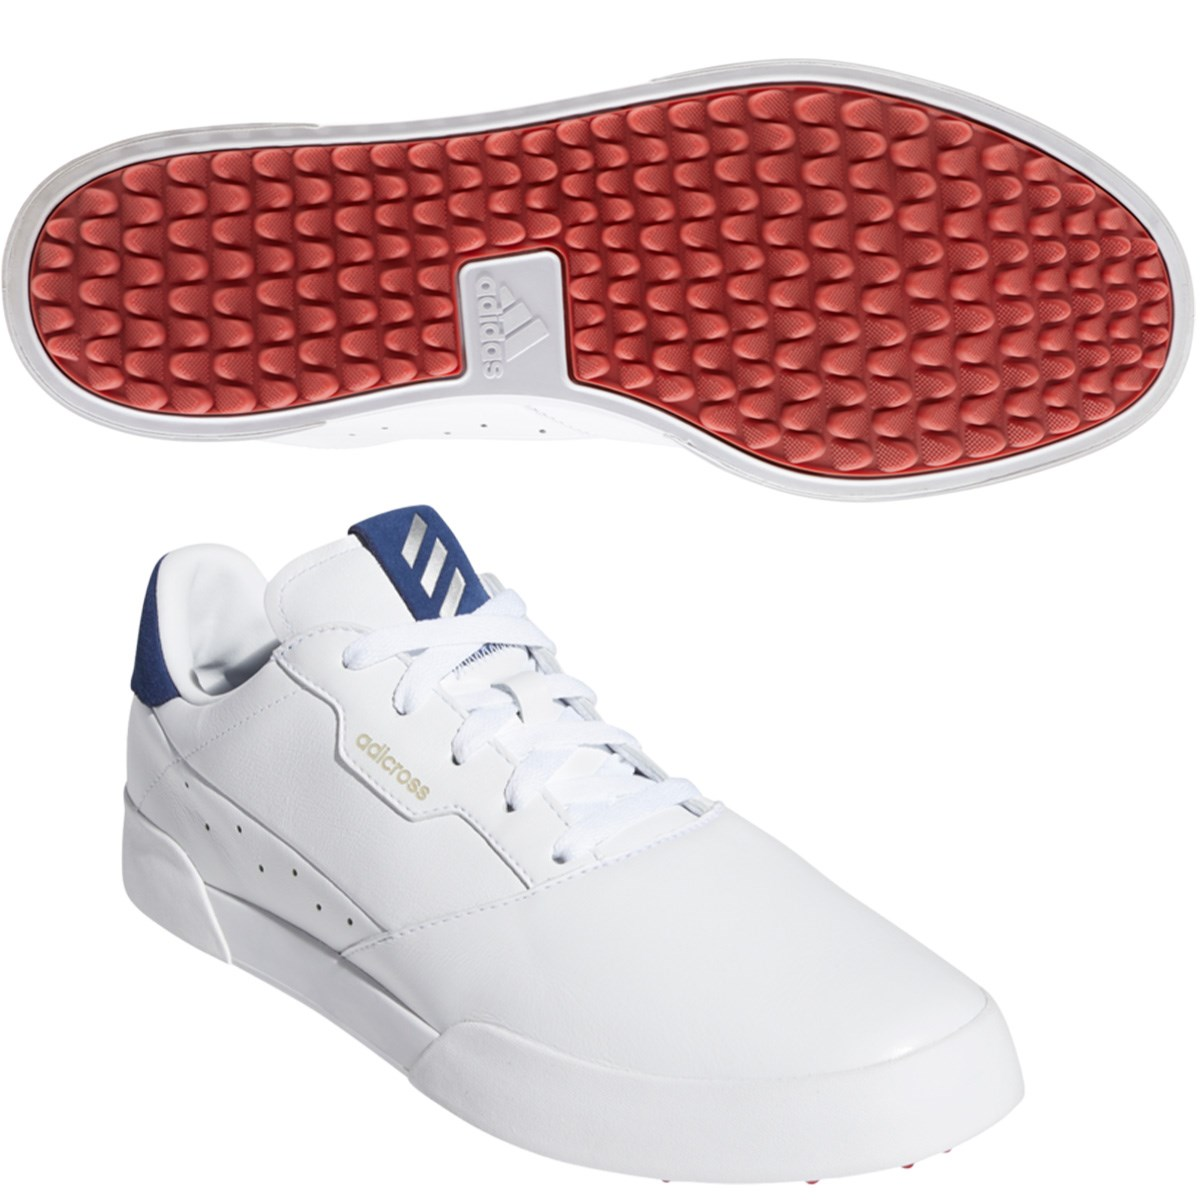 アディダス Adidas アディクロス レトロ シューズ 24.5cm ホワイト/シルバーメタリック/テックインディゴ